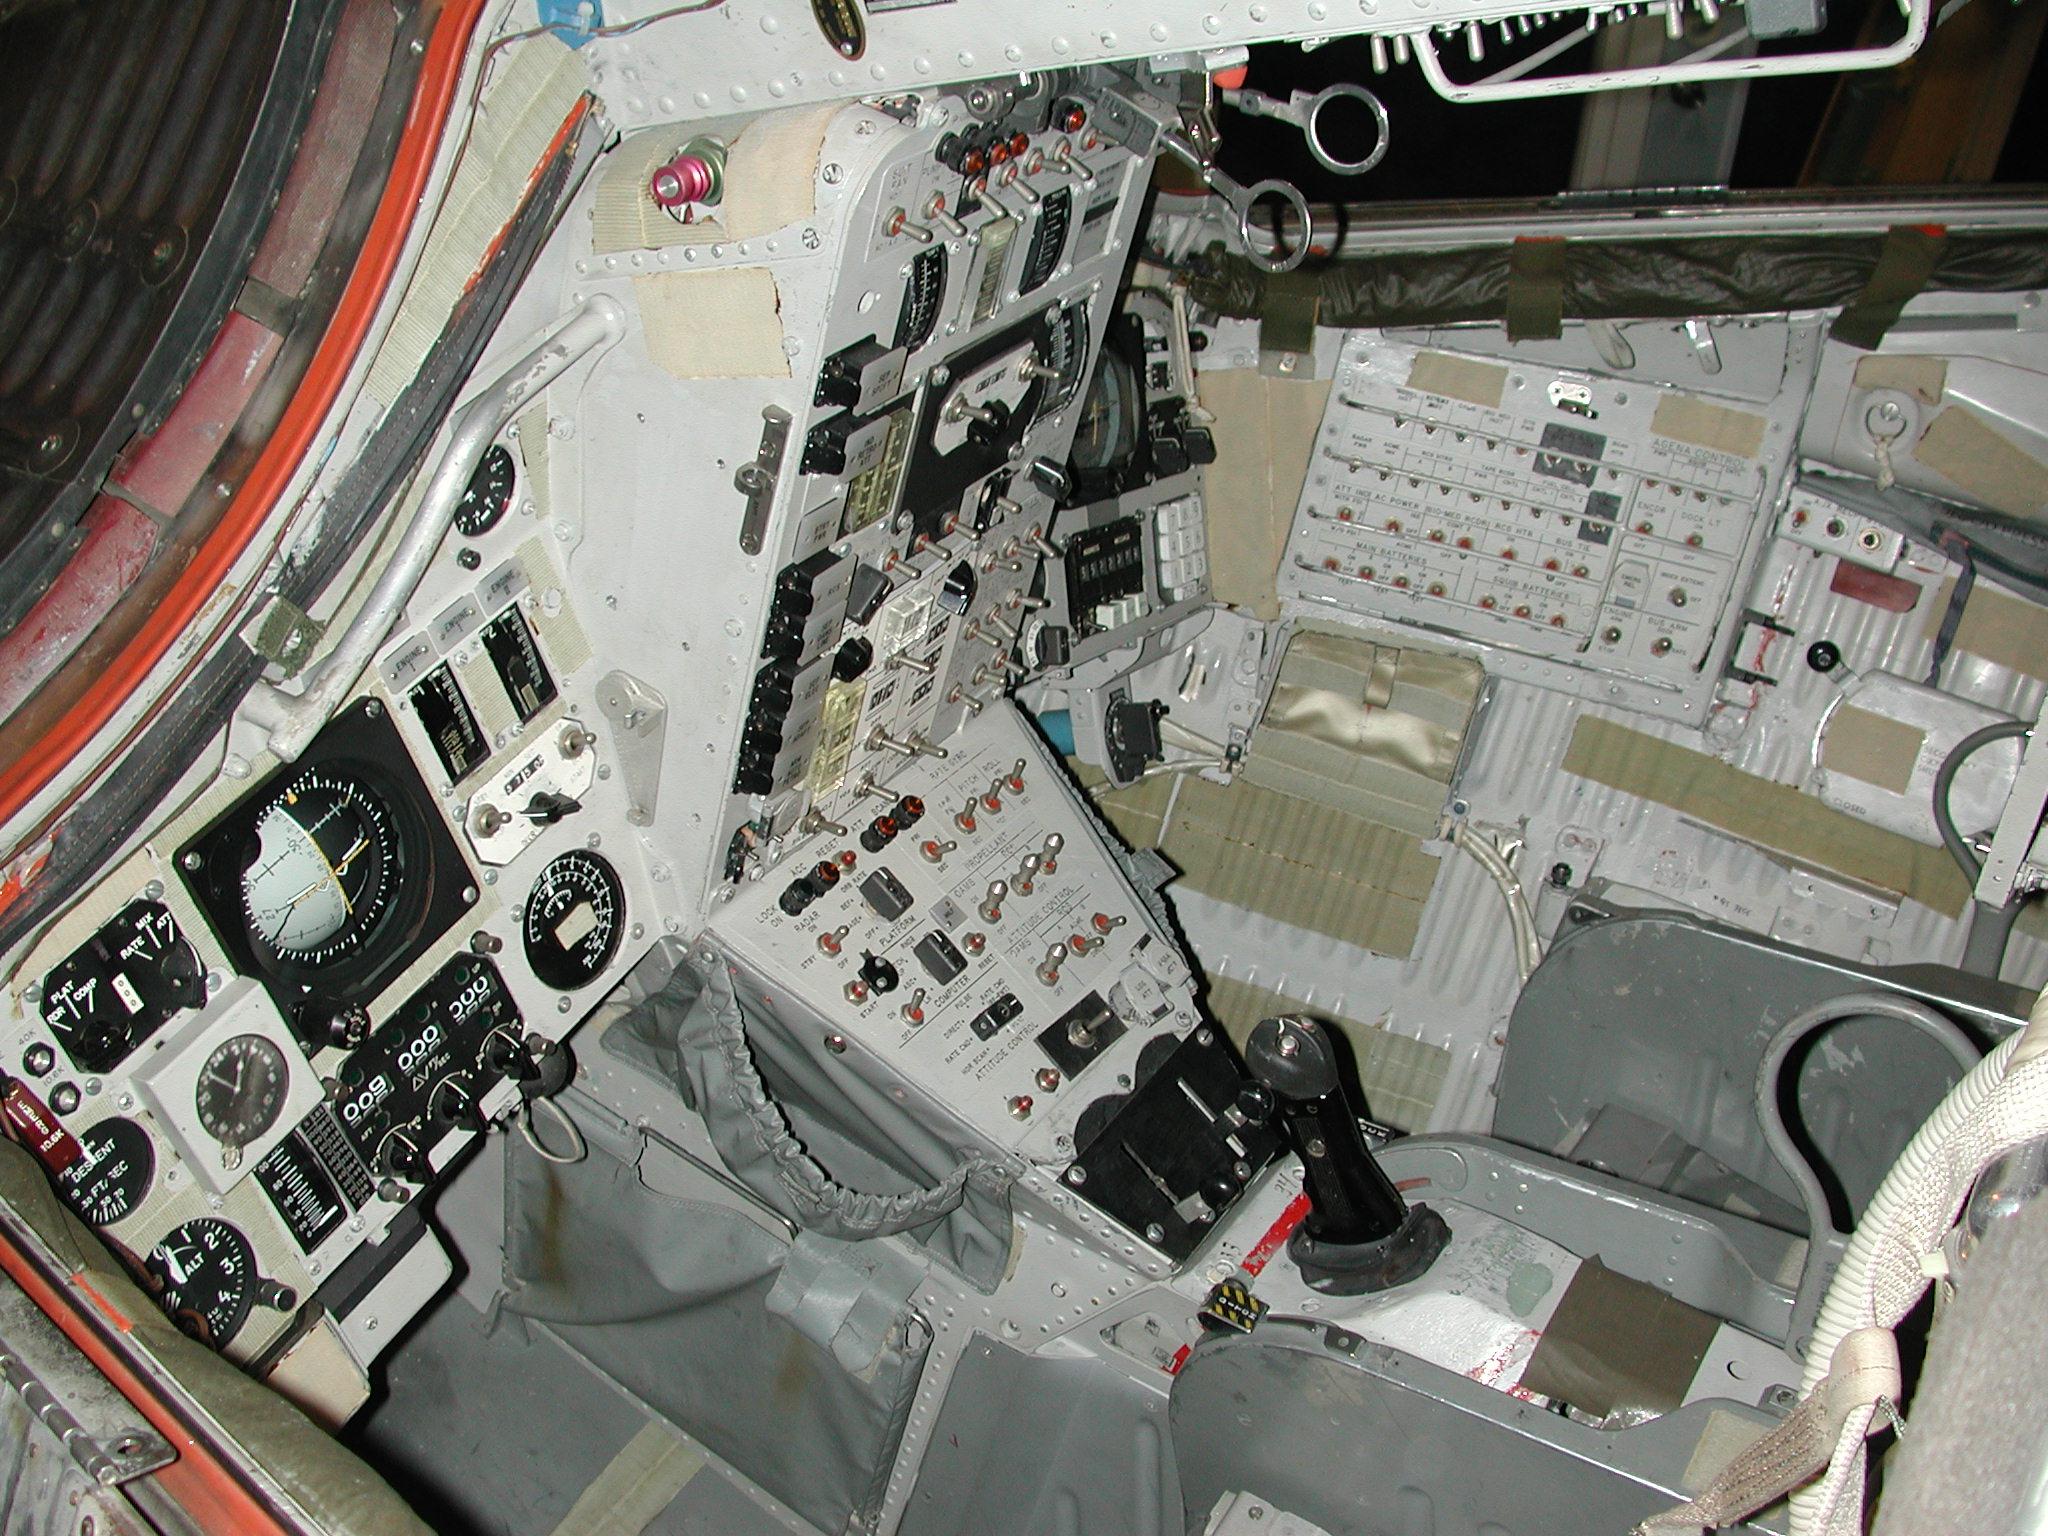 gemini spacecraft cockpit - photo #23